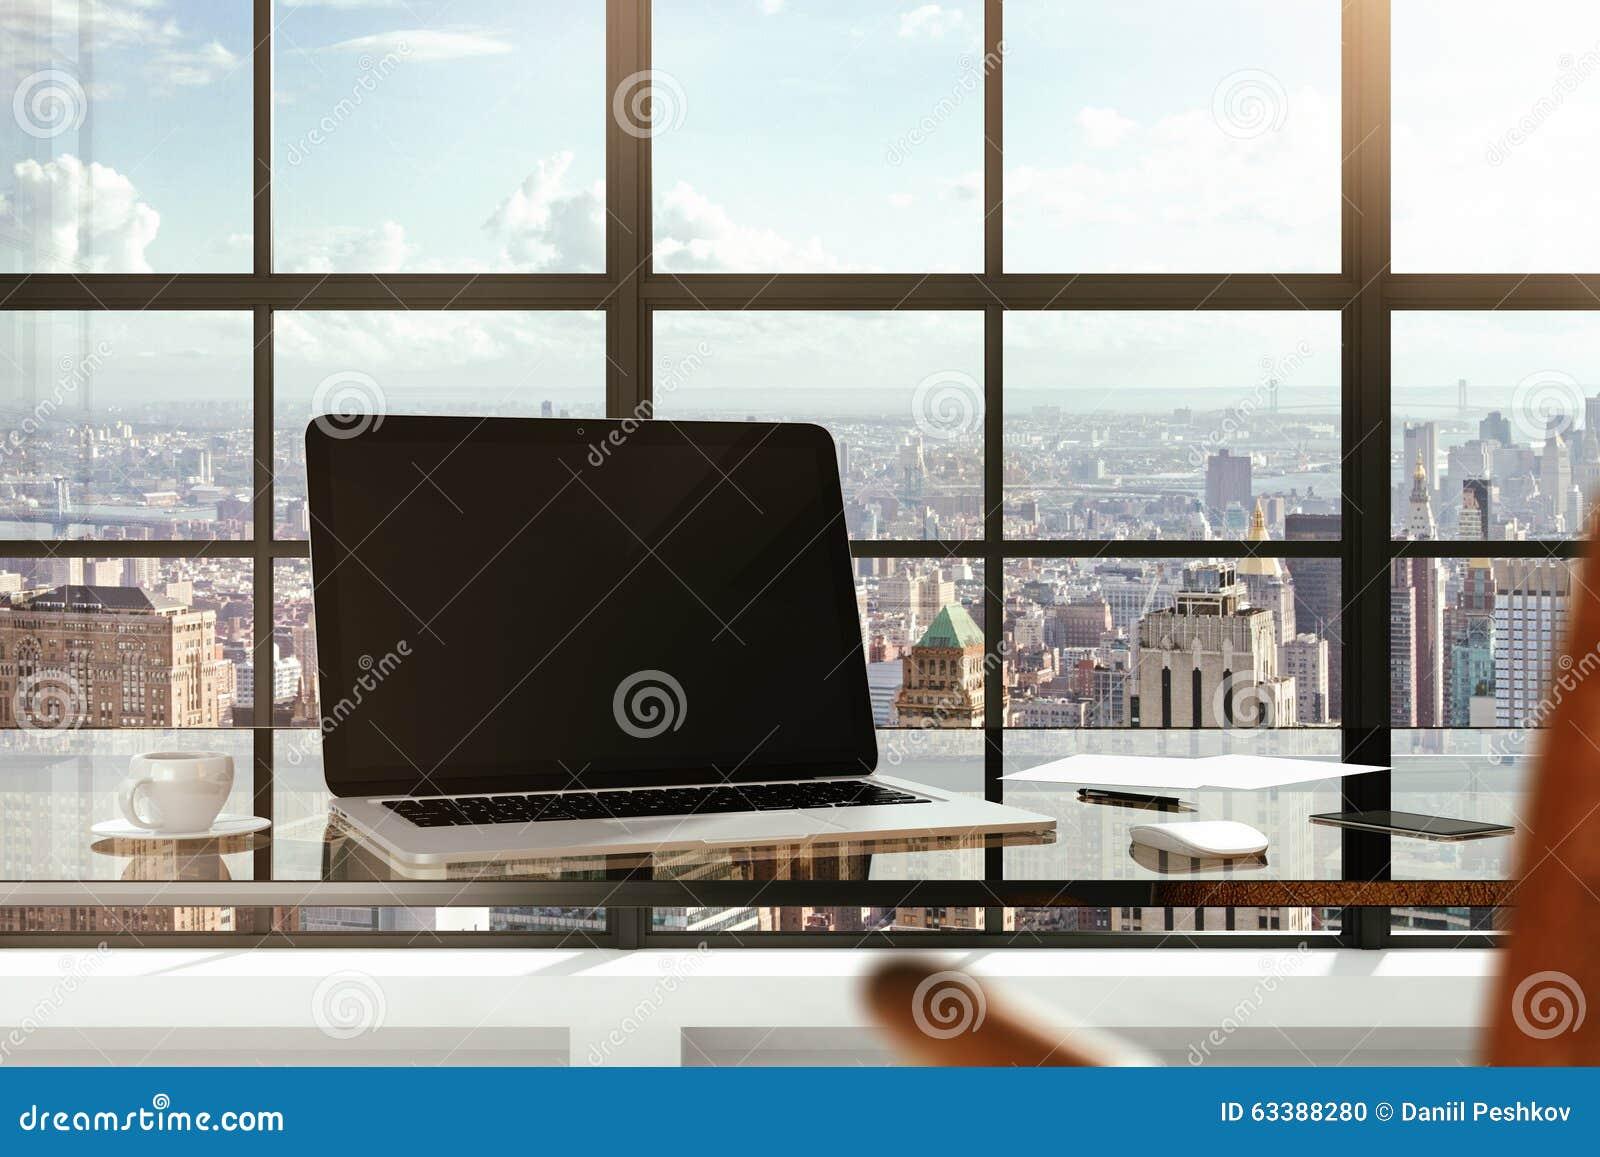 Pusty laptop na szklanym stole w nowożytnego biura i miasta widokach